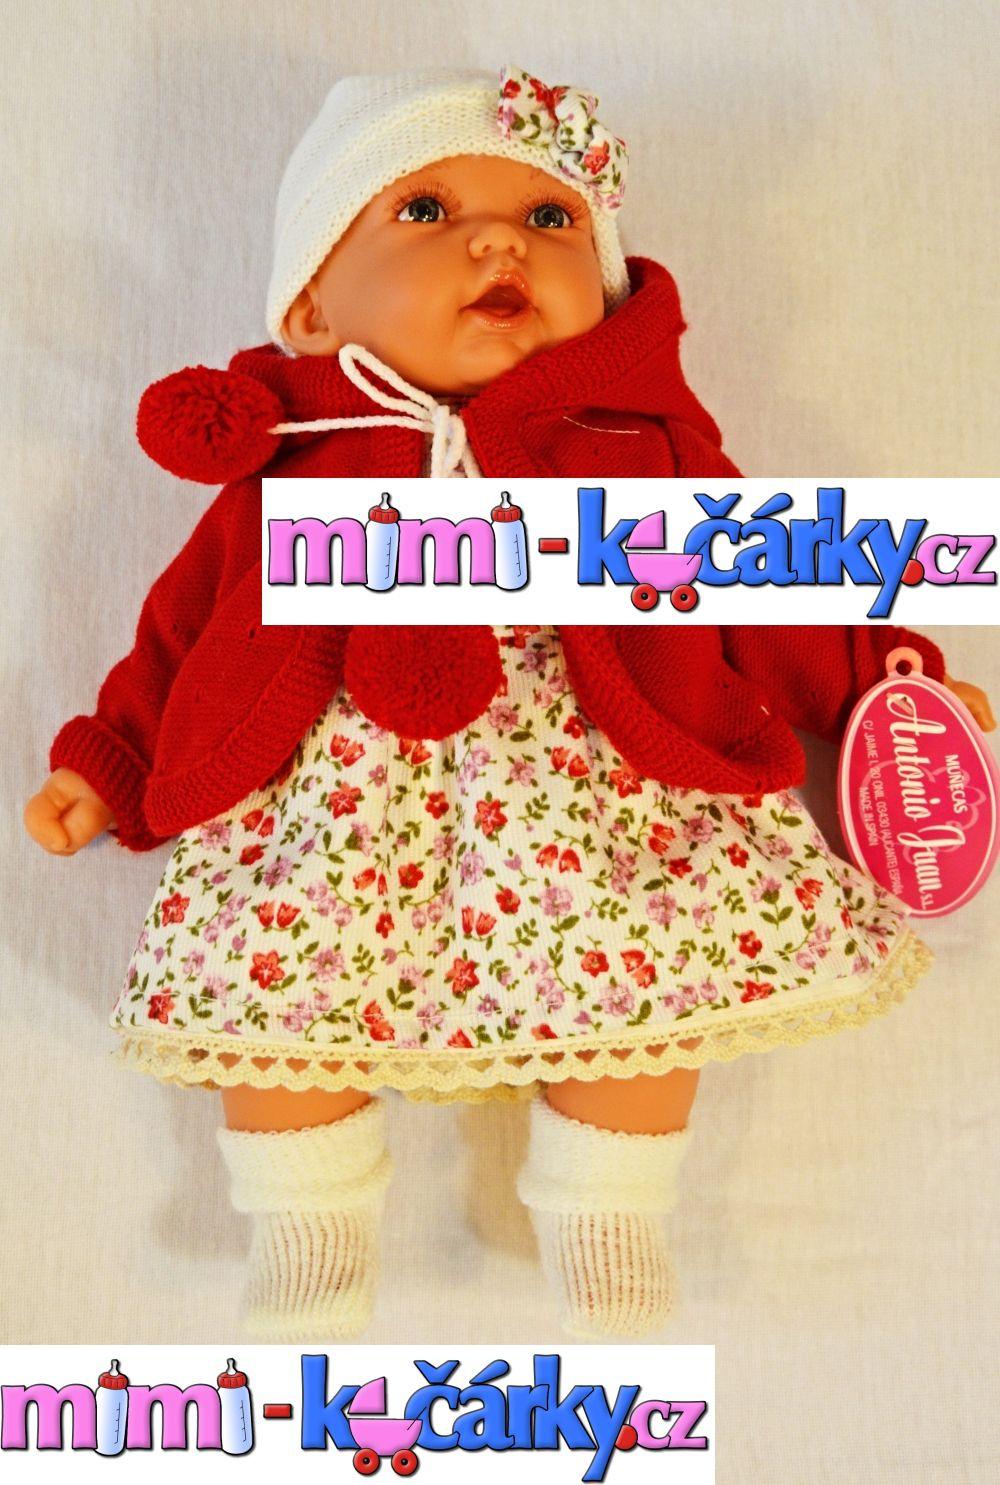 reálná mluvící panenka Antonio Juan Petty 27 cm v červeném svetříku